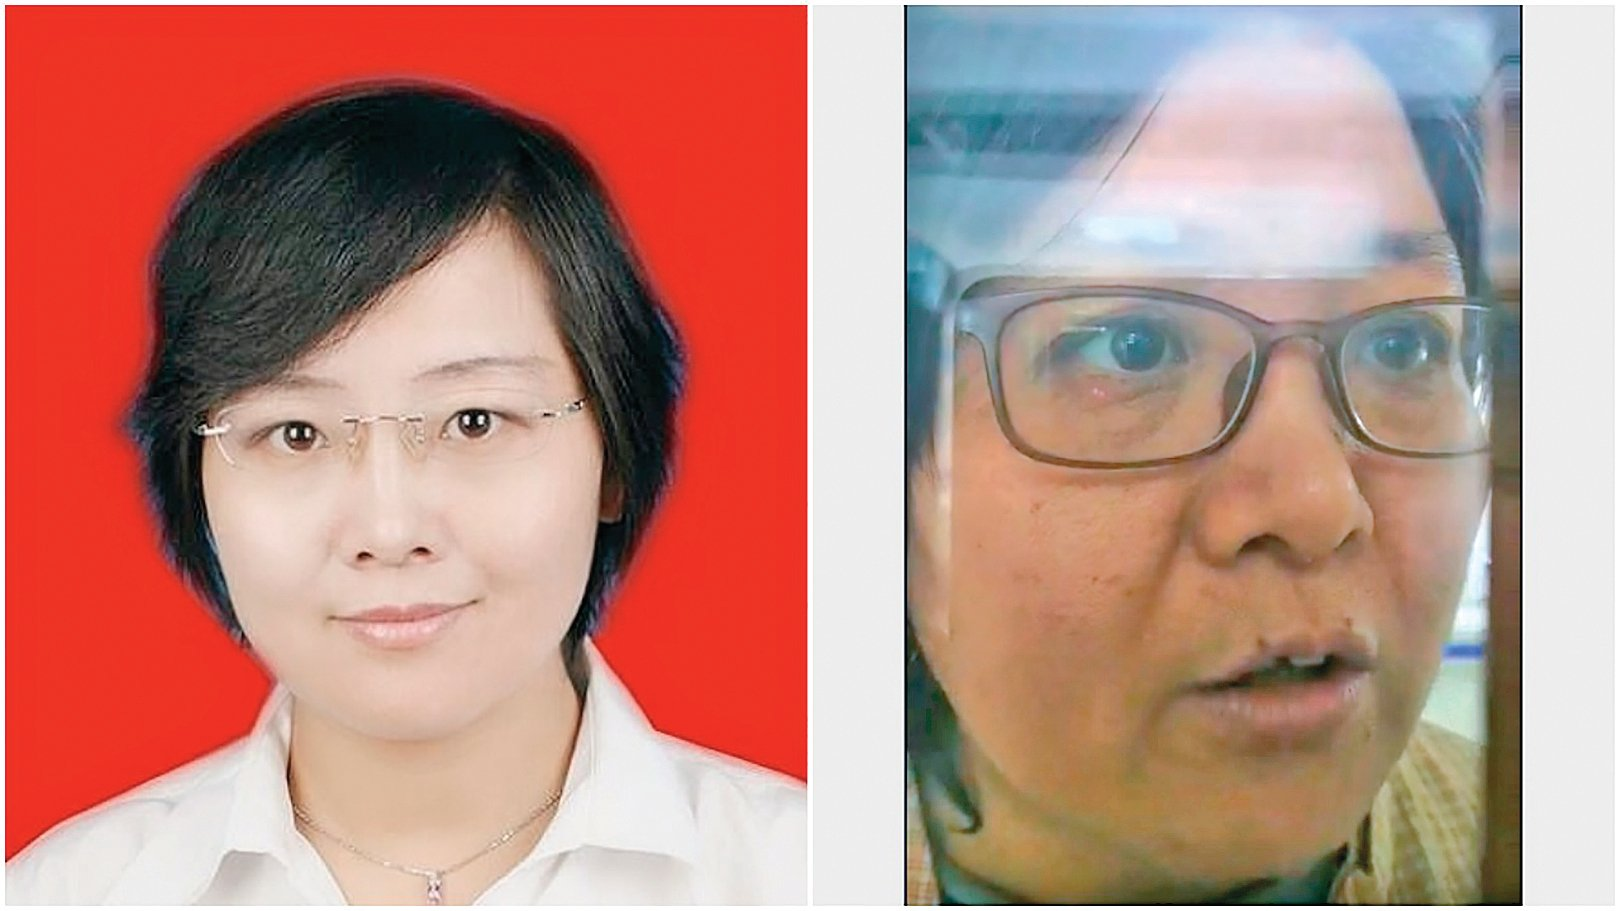 豐曉燕證件照(左)和被關精神病院後的豐曉燕(右)。(受訪人提供)